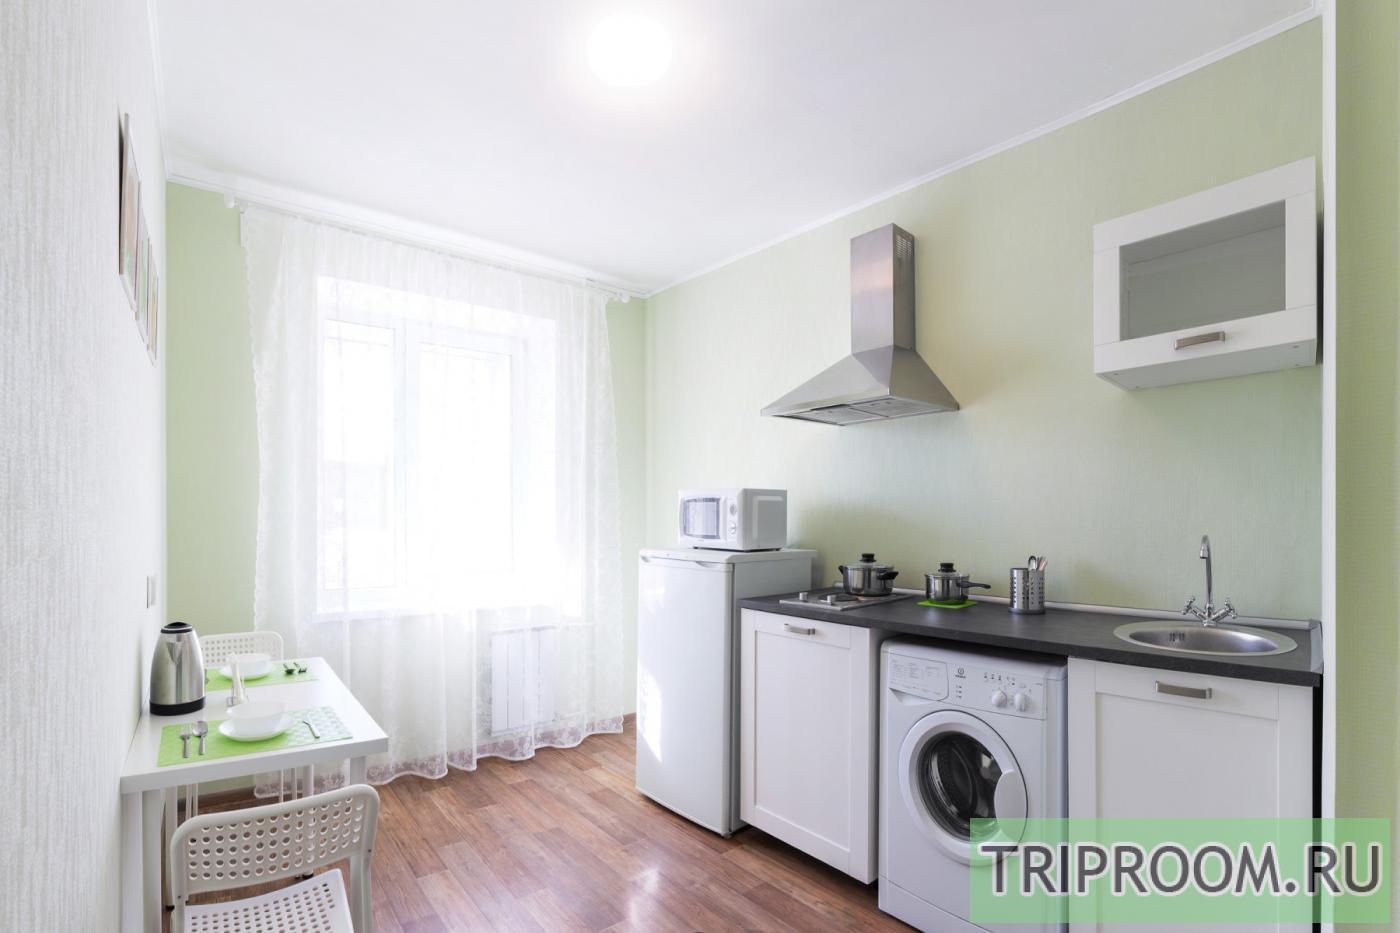 1-комнатная квартира посуточно (вариант № 33104), ул. Вилонова улица, фото № 8